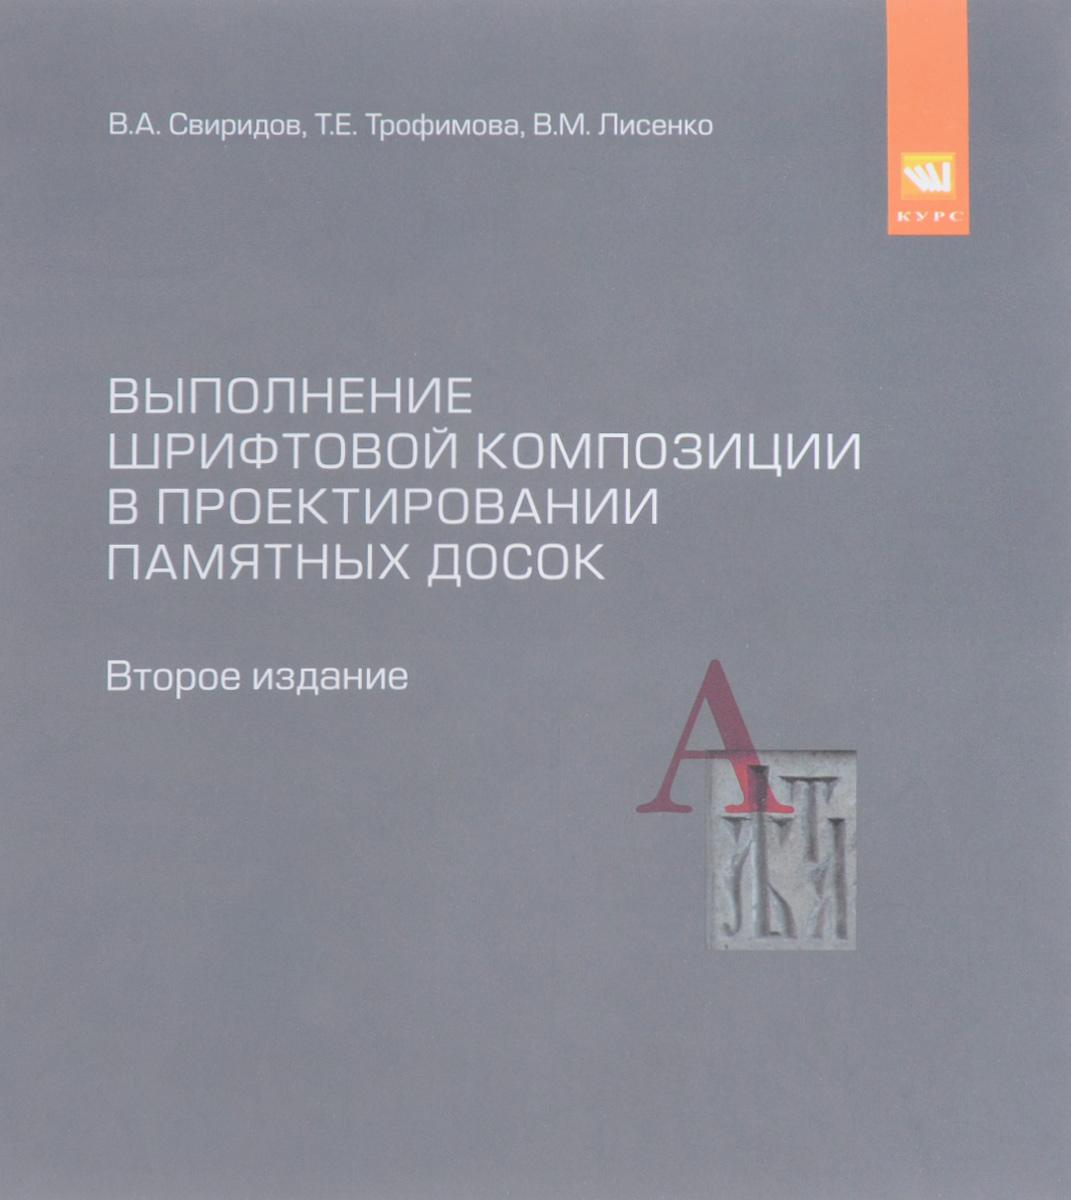 Выполнение шрифтовой композиции на примере проектирования мемориальных и памятных досок. Учебное пособие